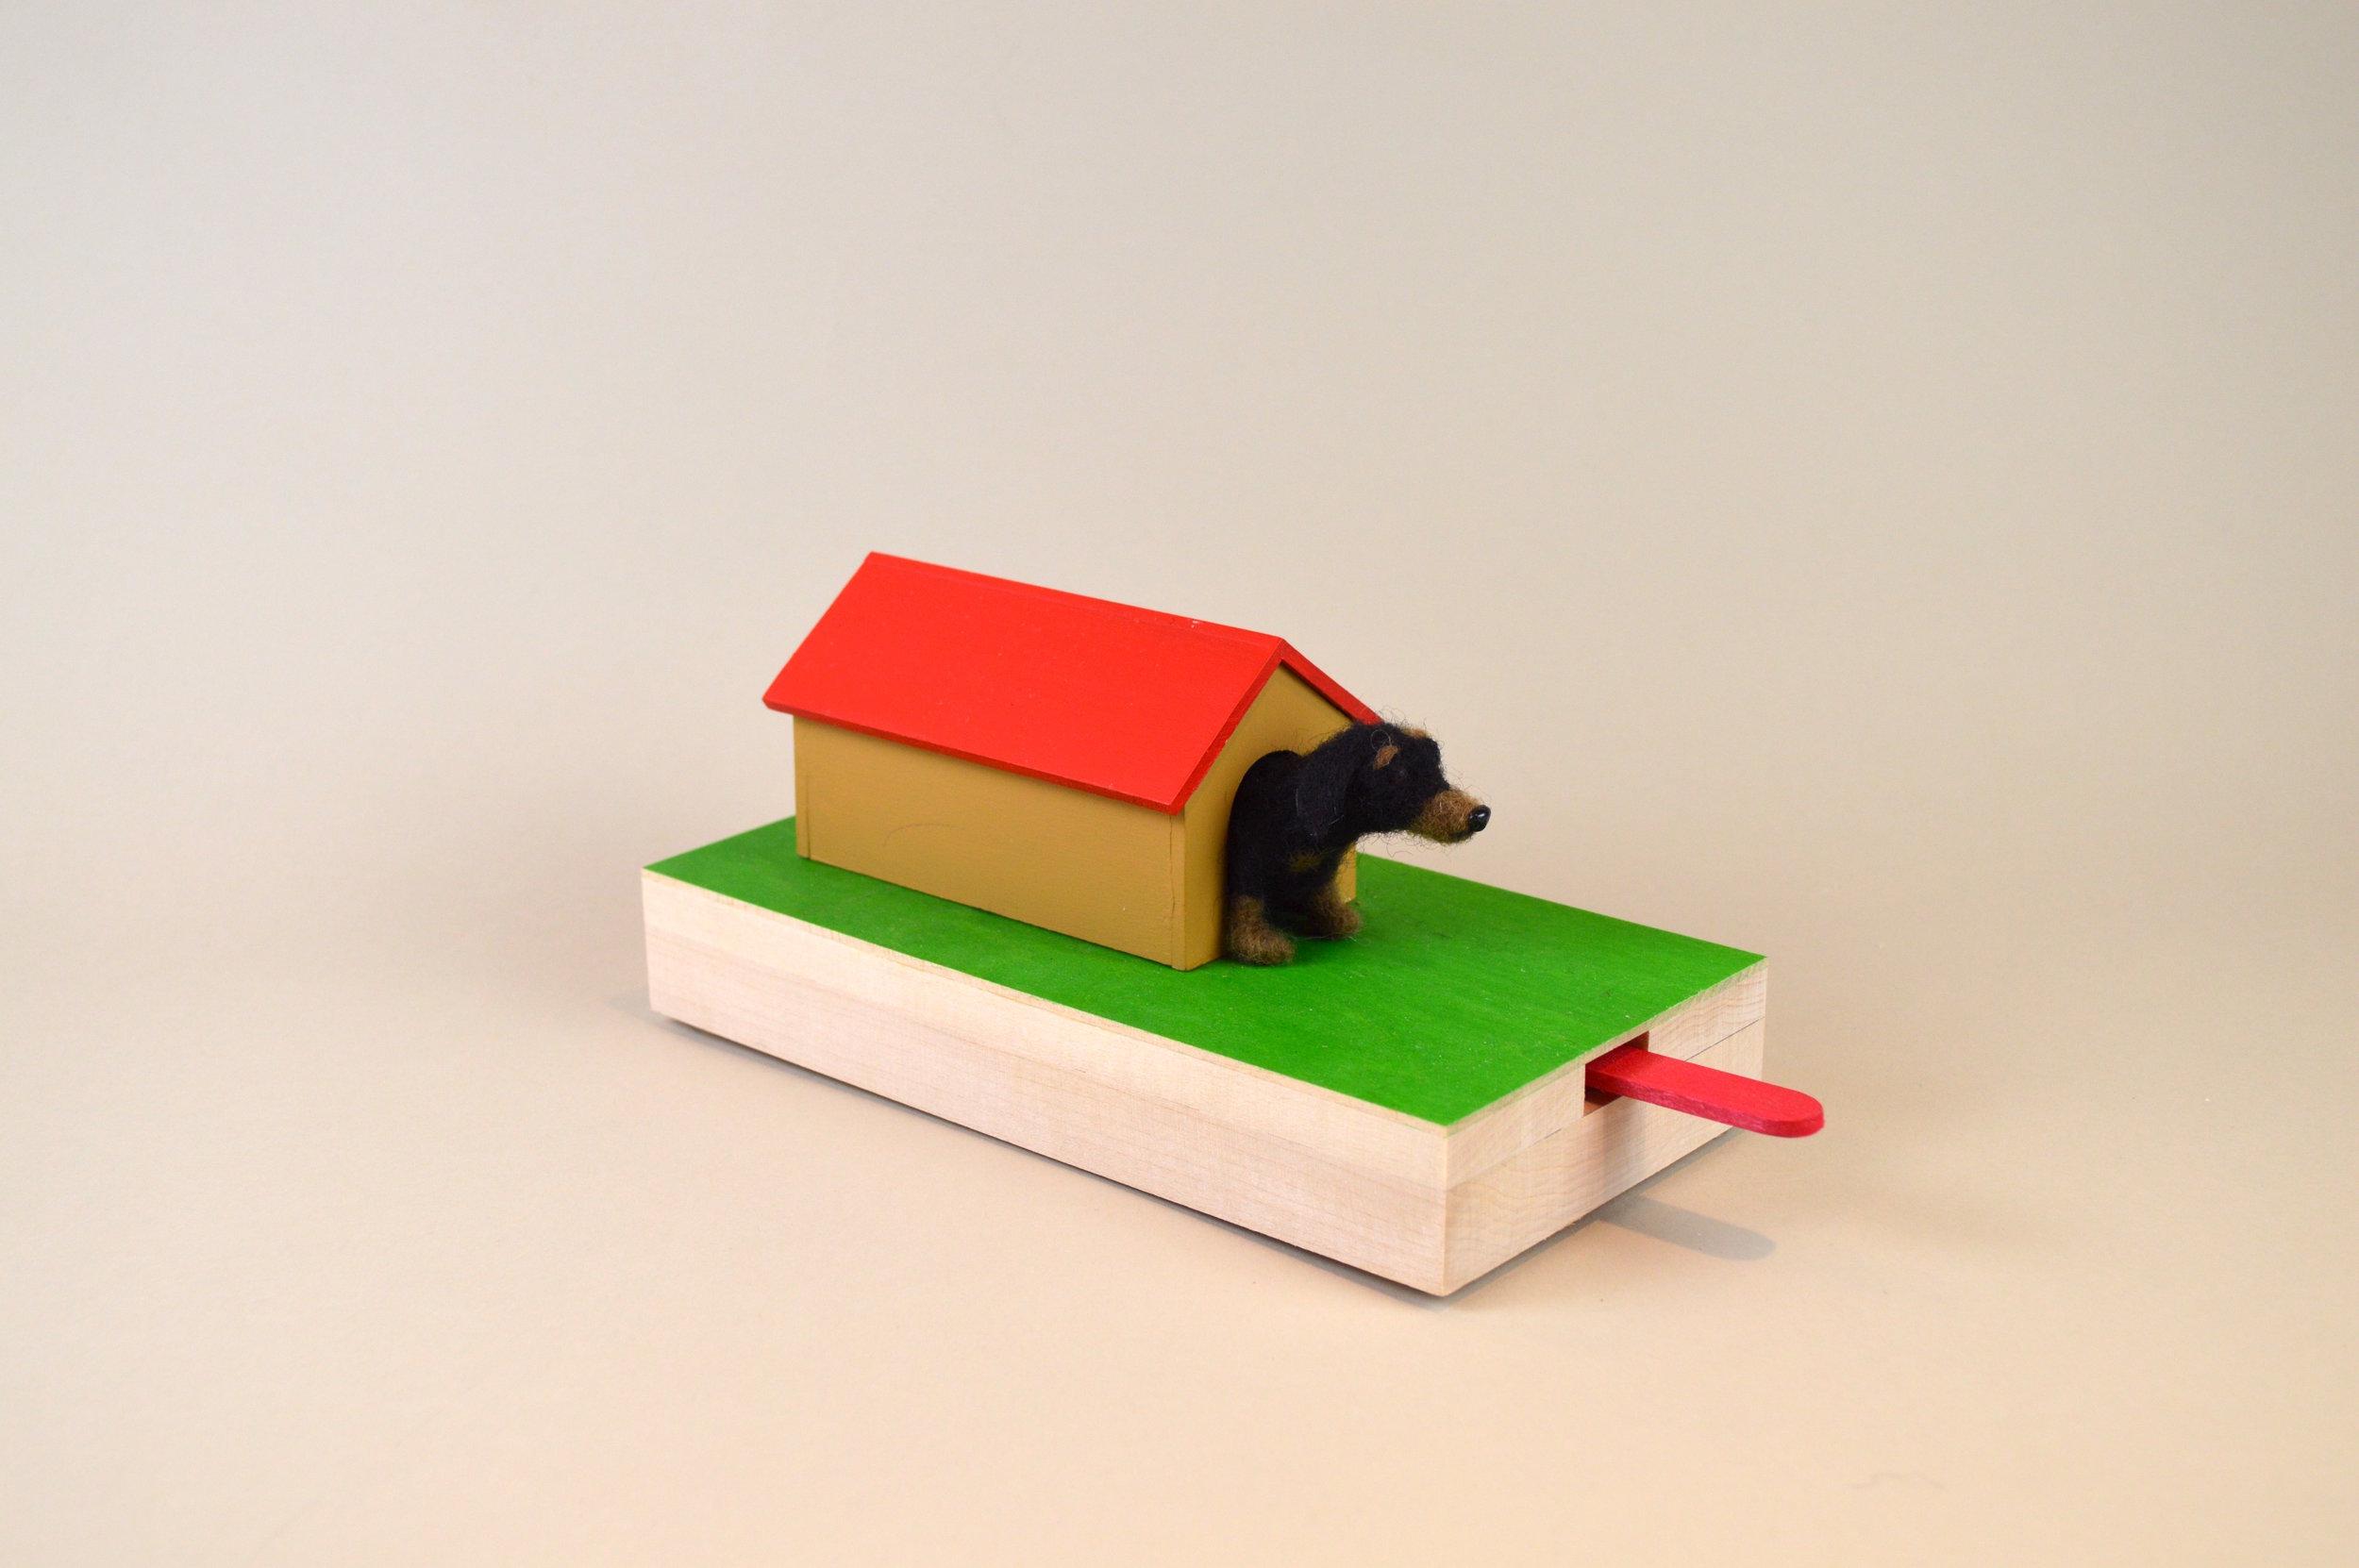 Dachshund Doghouse Left Side.jpg